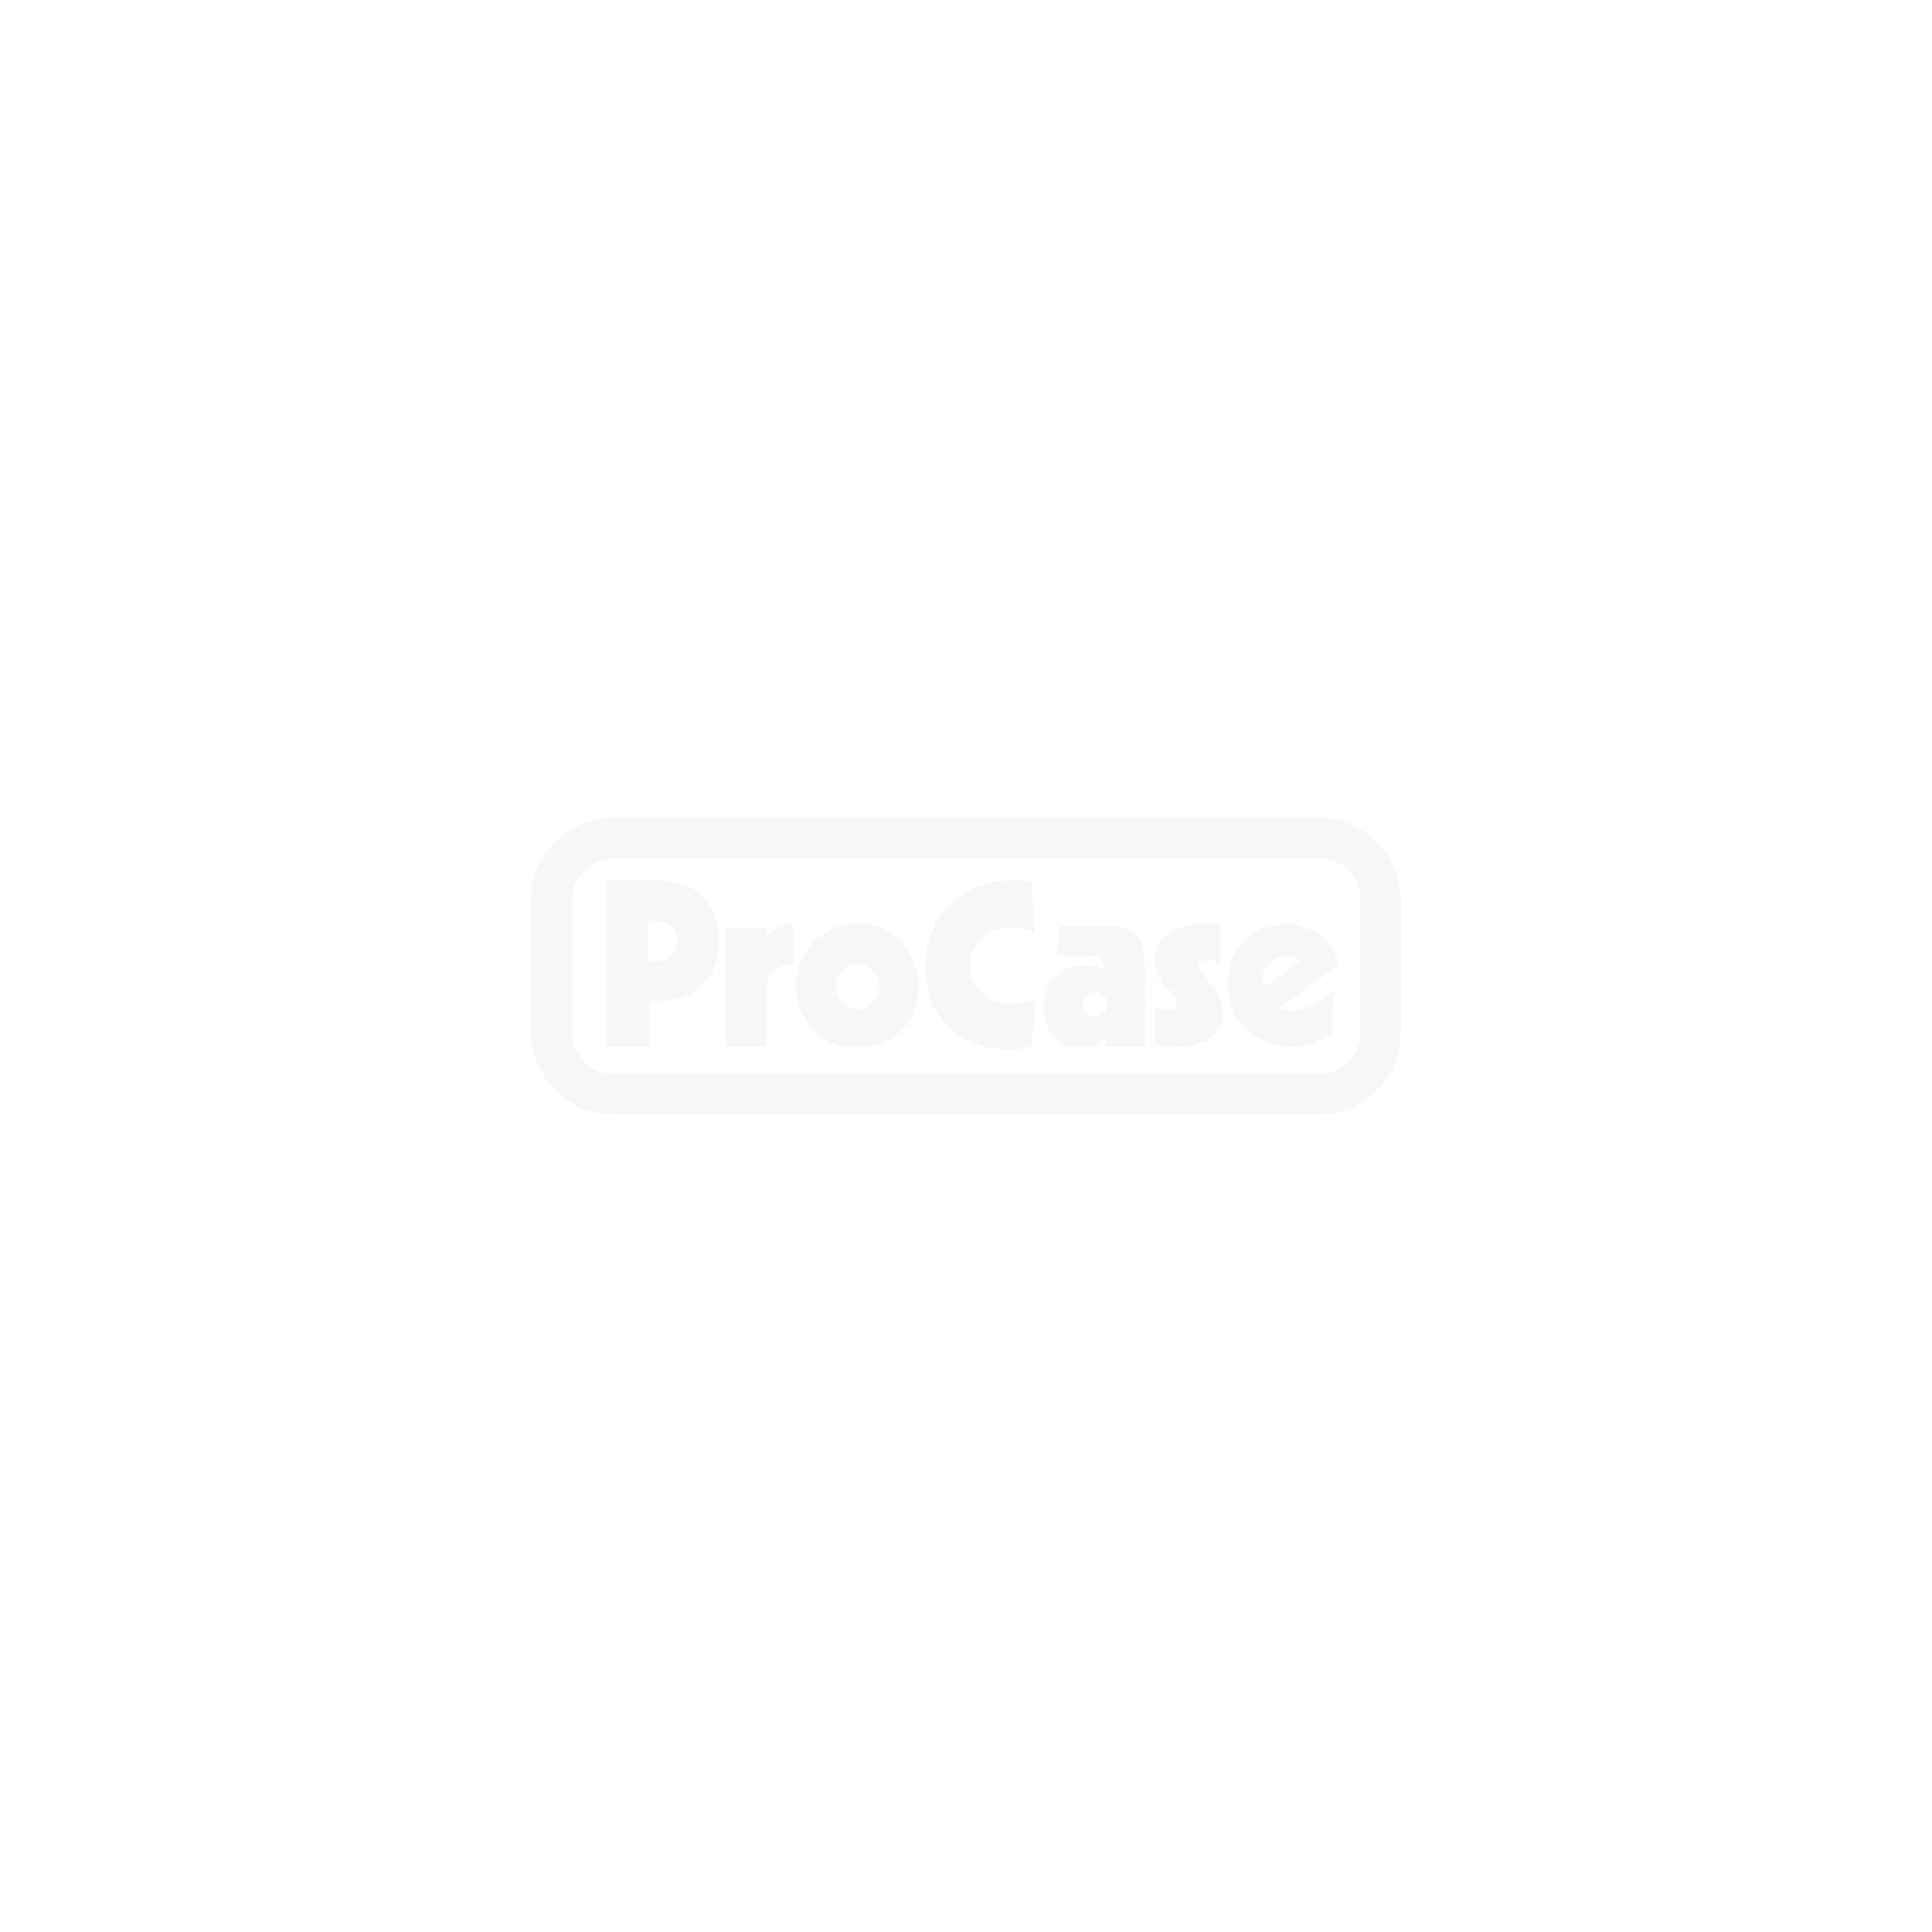 Flightcase für 4 Panasonic AW-UE150 und 1 AW-RP150 3